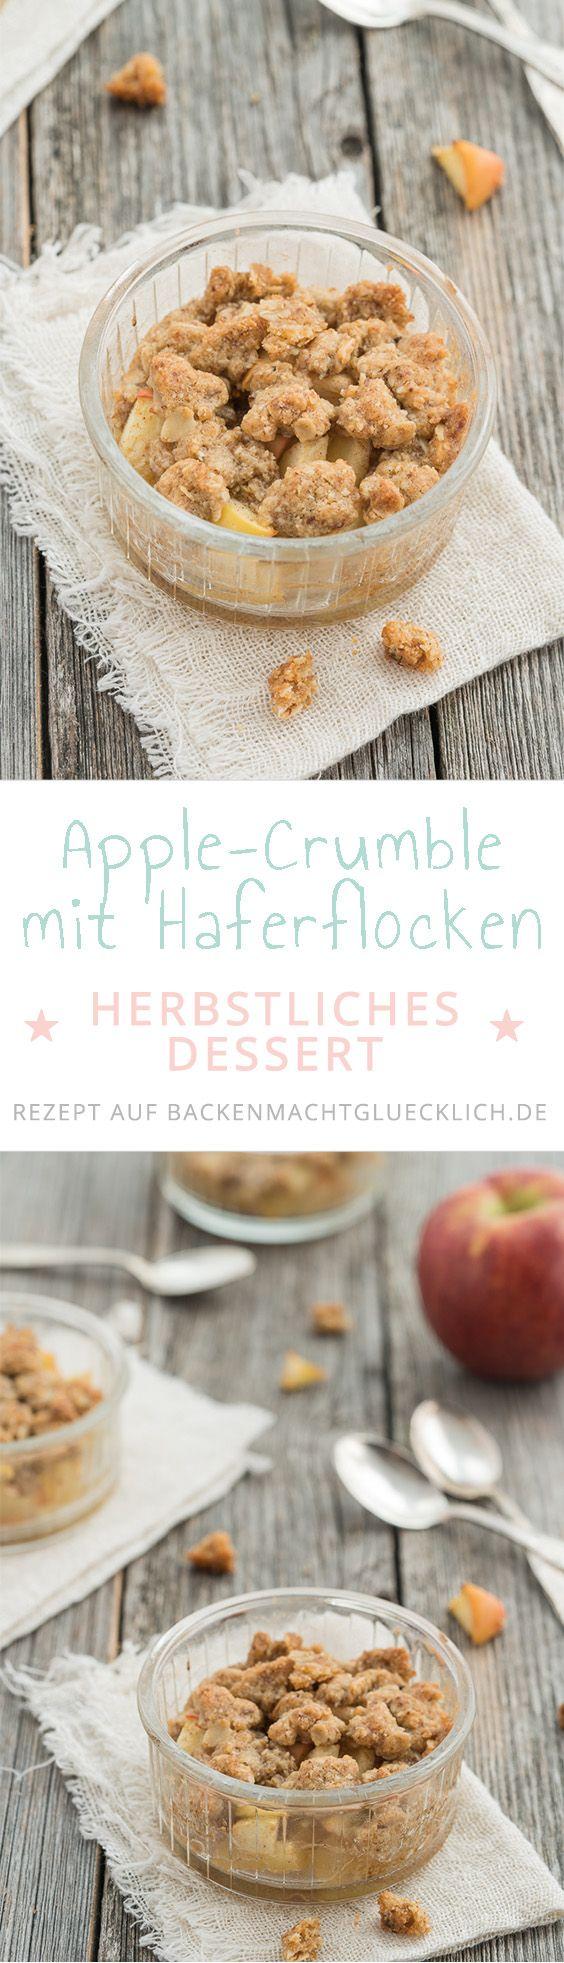 Mit diesem einfachen Apple-Crumble Rezept zaubert ihr im Nu ein tolles herbstliches Dessert. Apfel-Crumble ist fruchtig, knusprig und einfach super lecker.